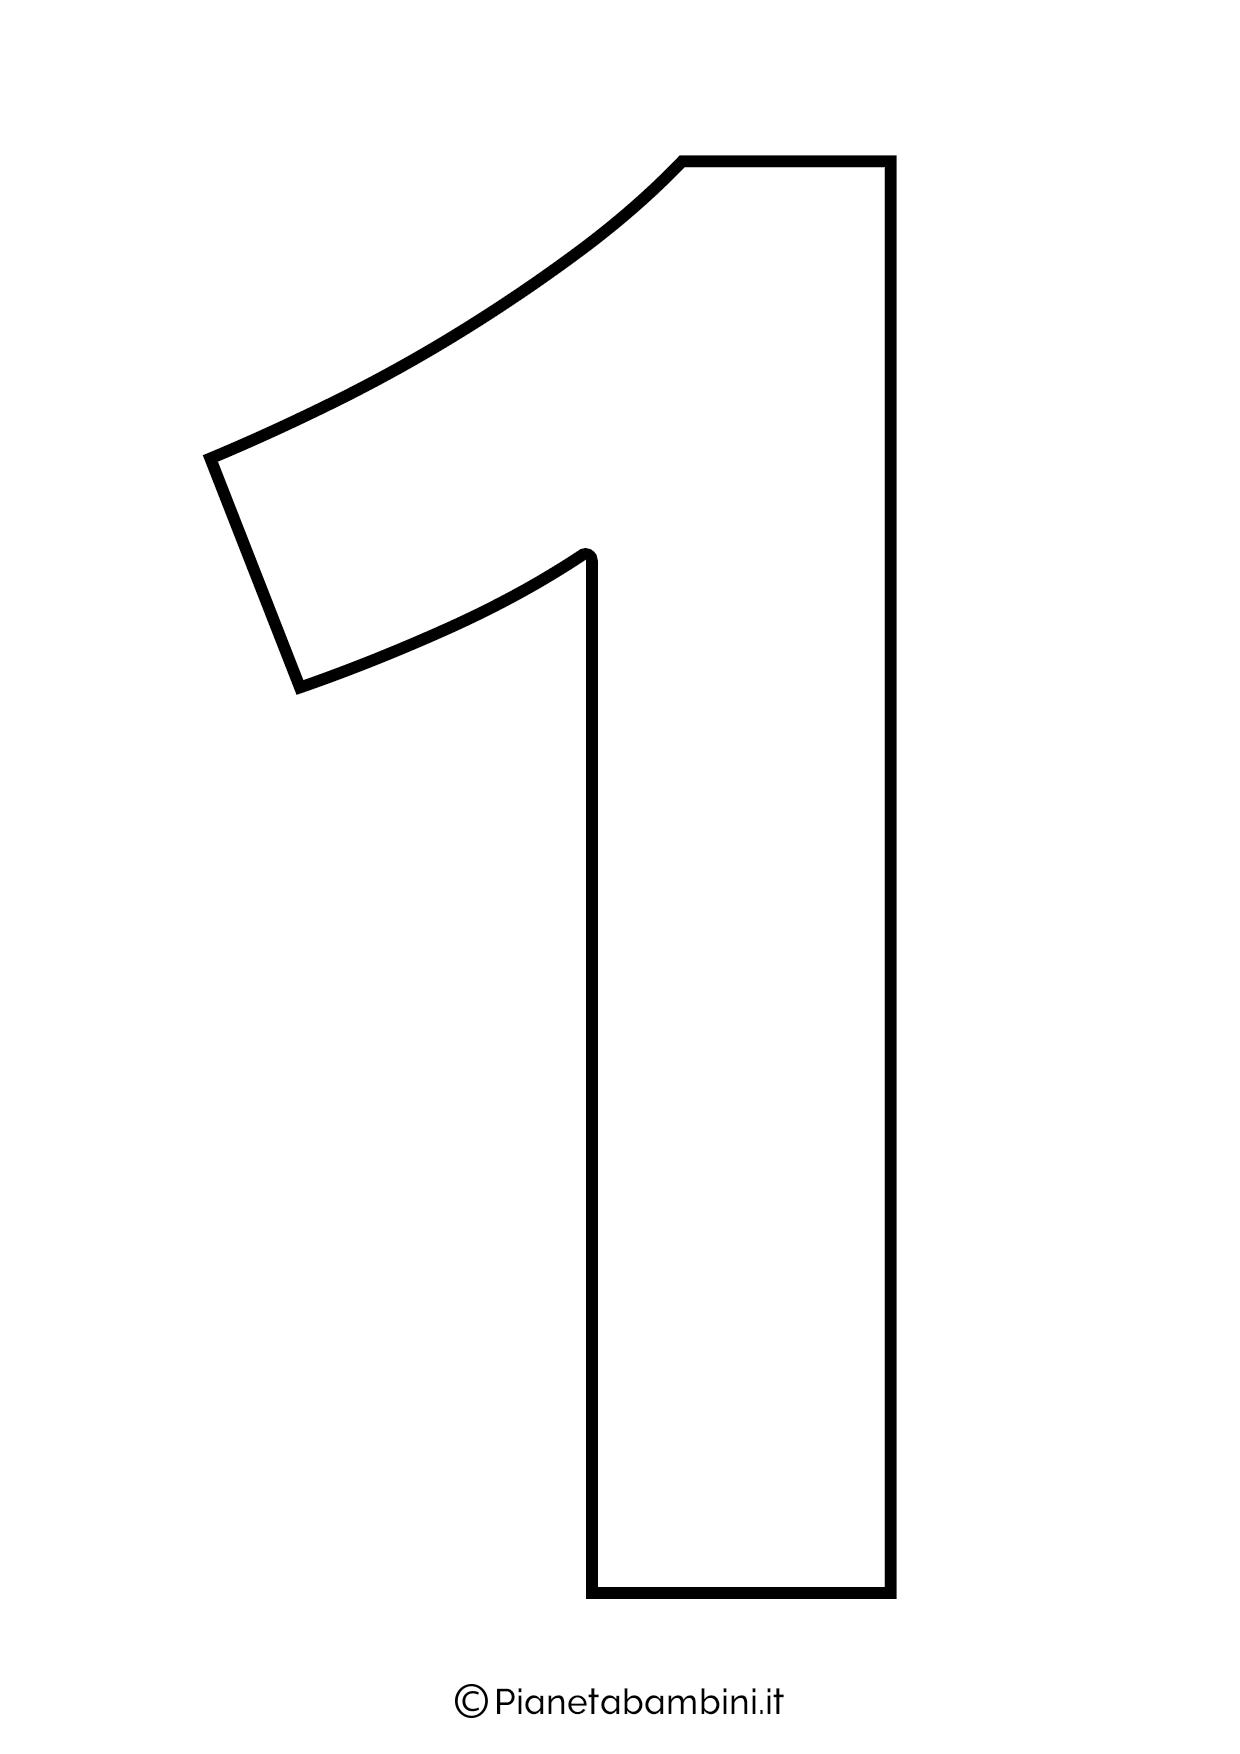 Numero 1 da stampare